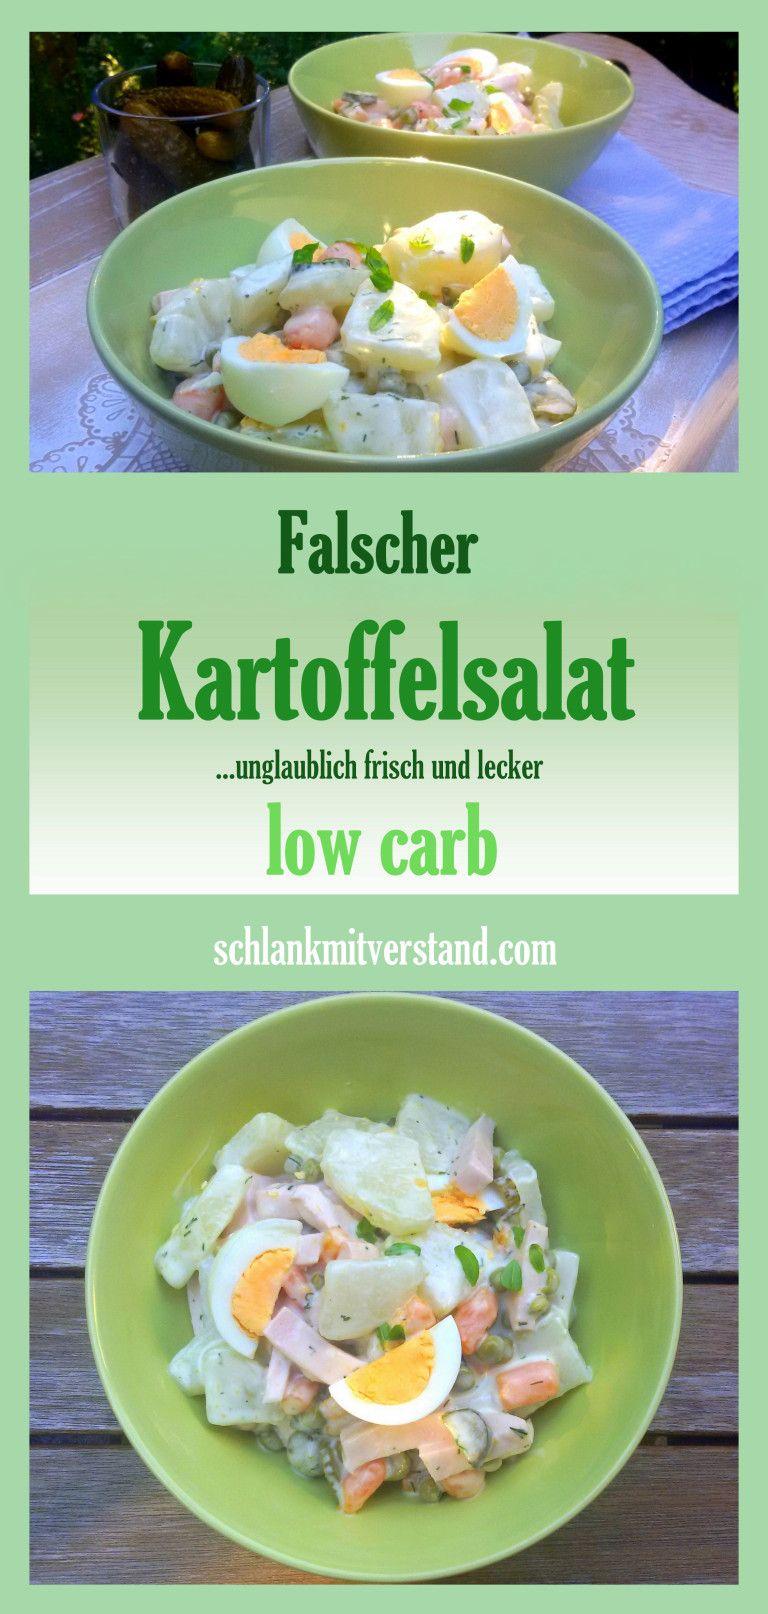 salat und fleisch zum abnehmen beliebte eezepte f r n tzliche salate. Black Bedroom Furniture Sets. Home Design Ideas